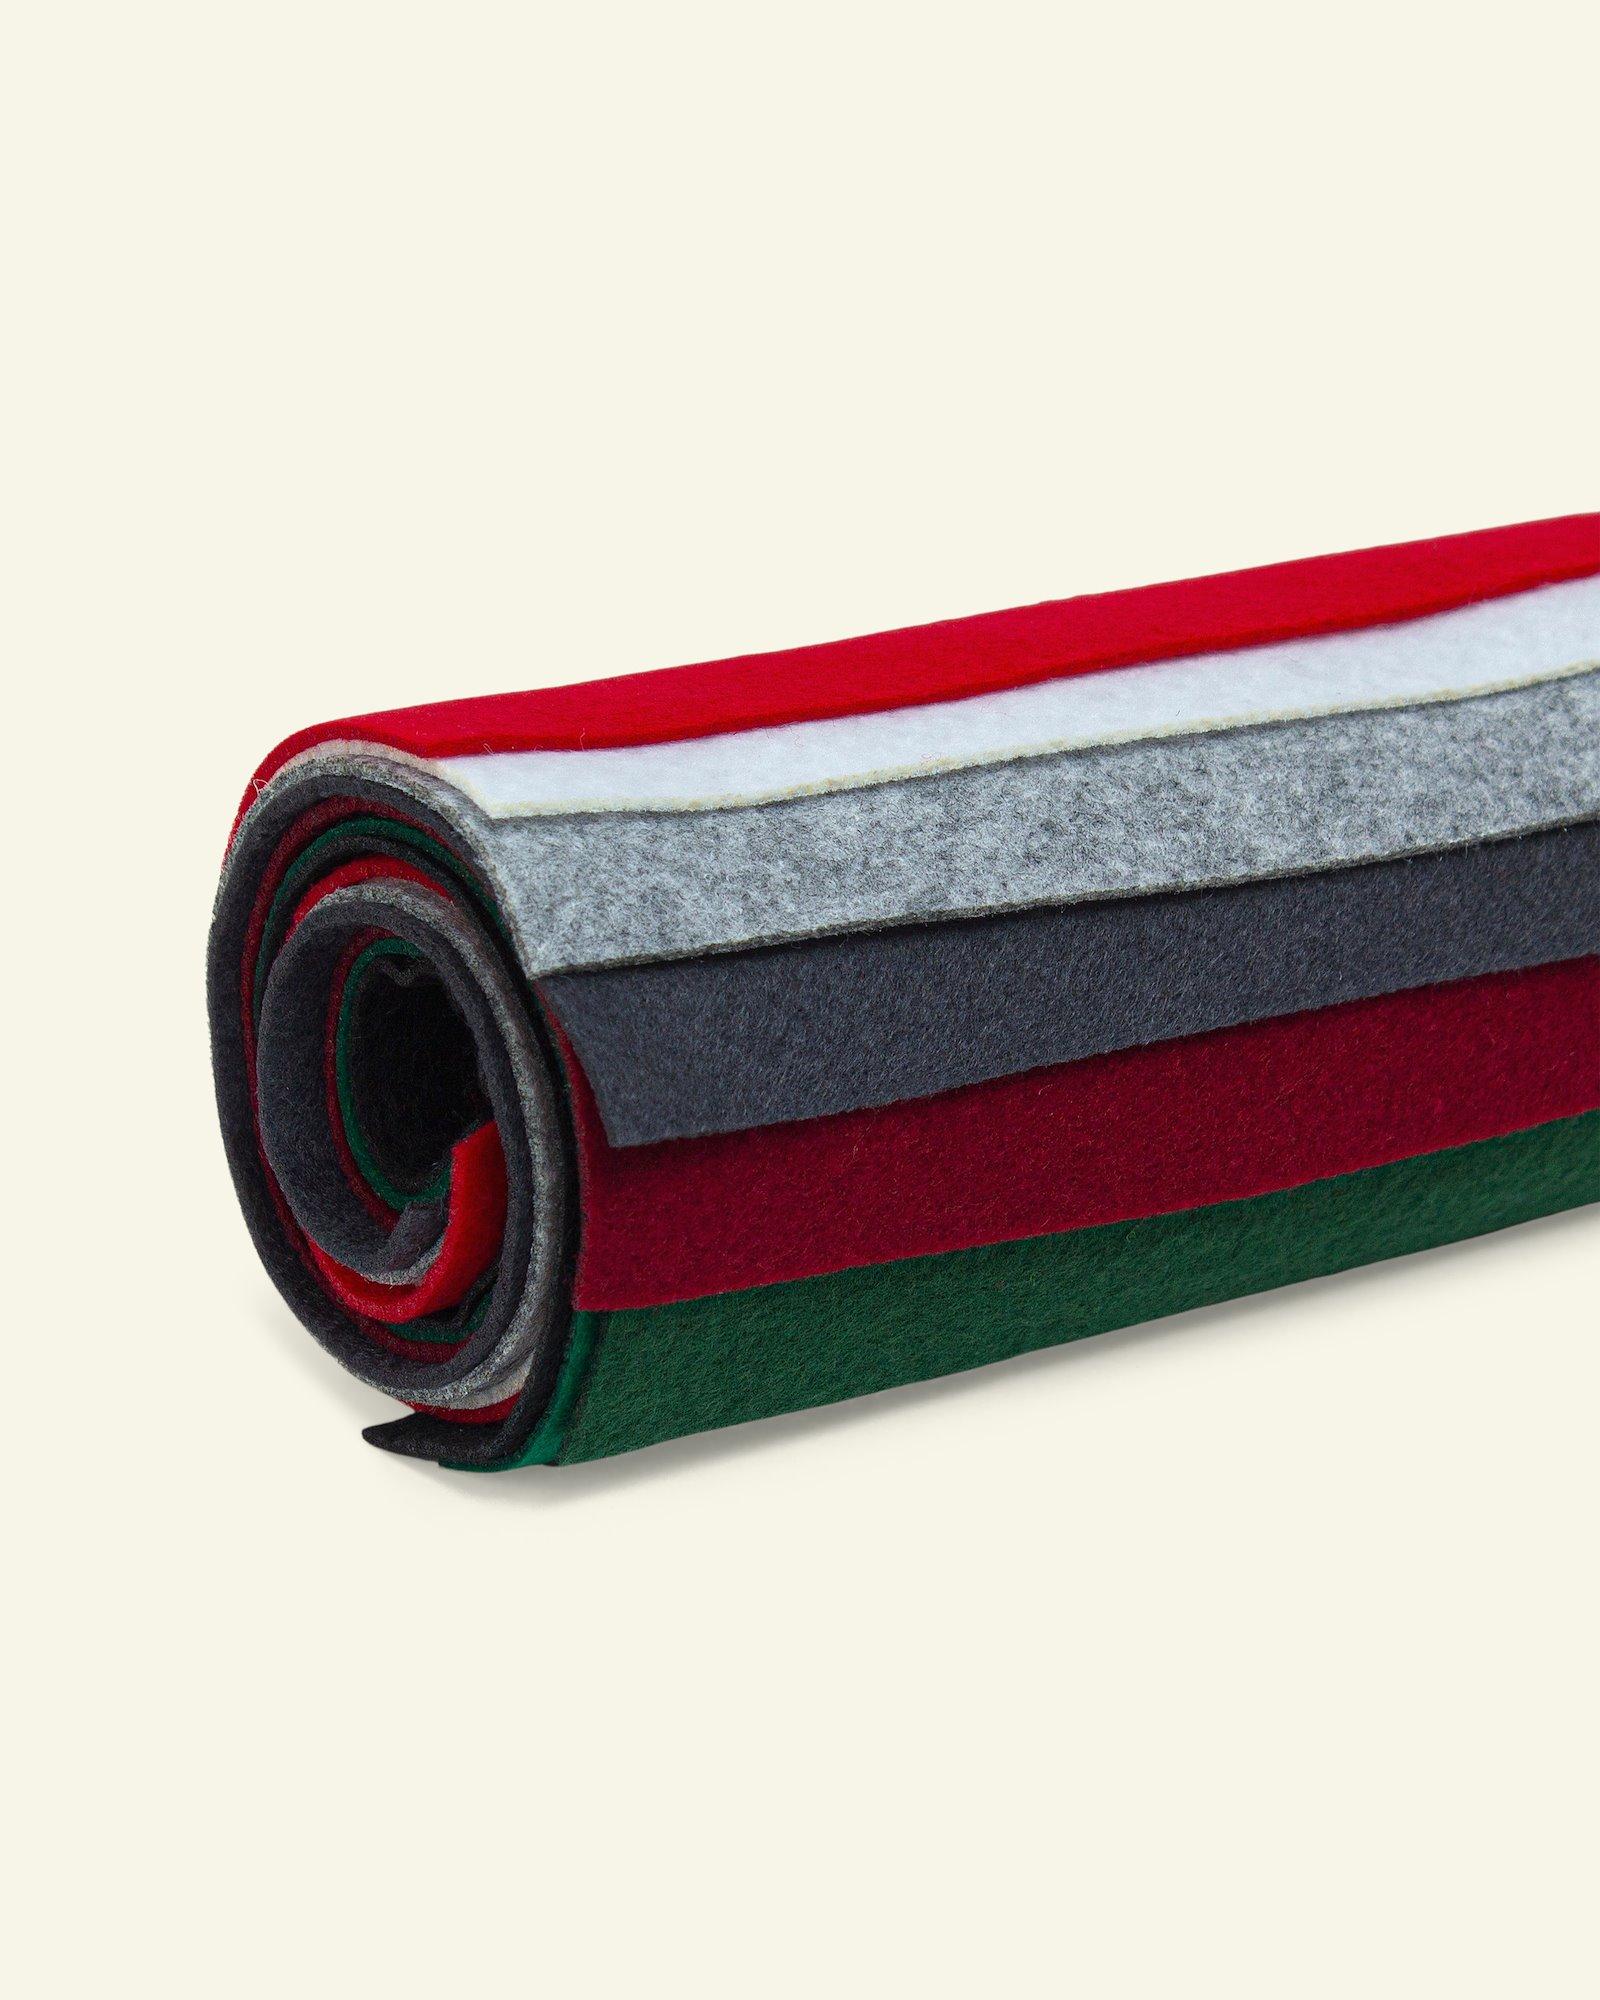 Filz 1,3mm 19,5x30cm Weihnachtsf., 8 St.